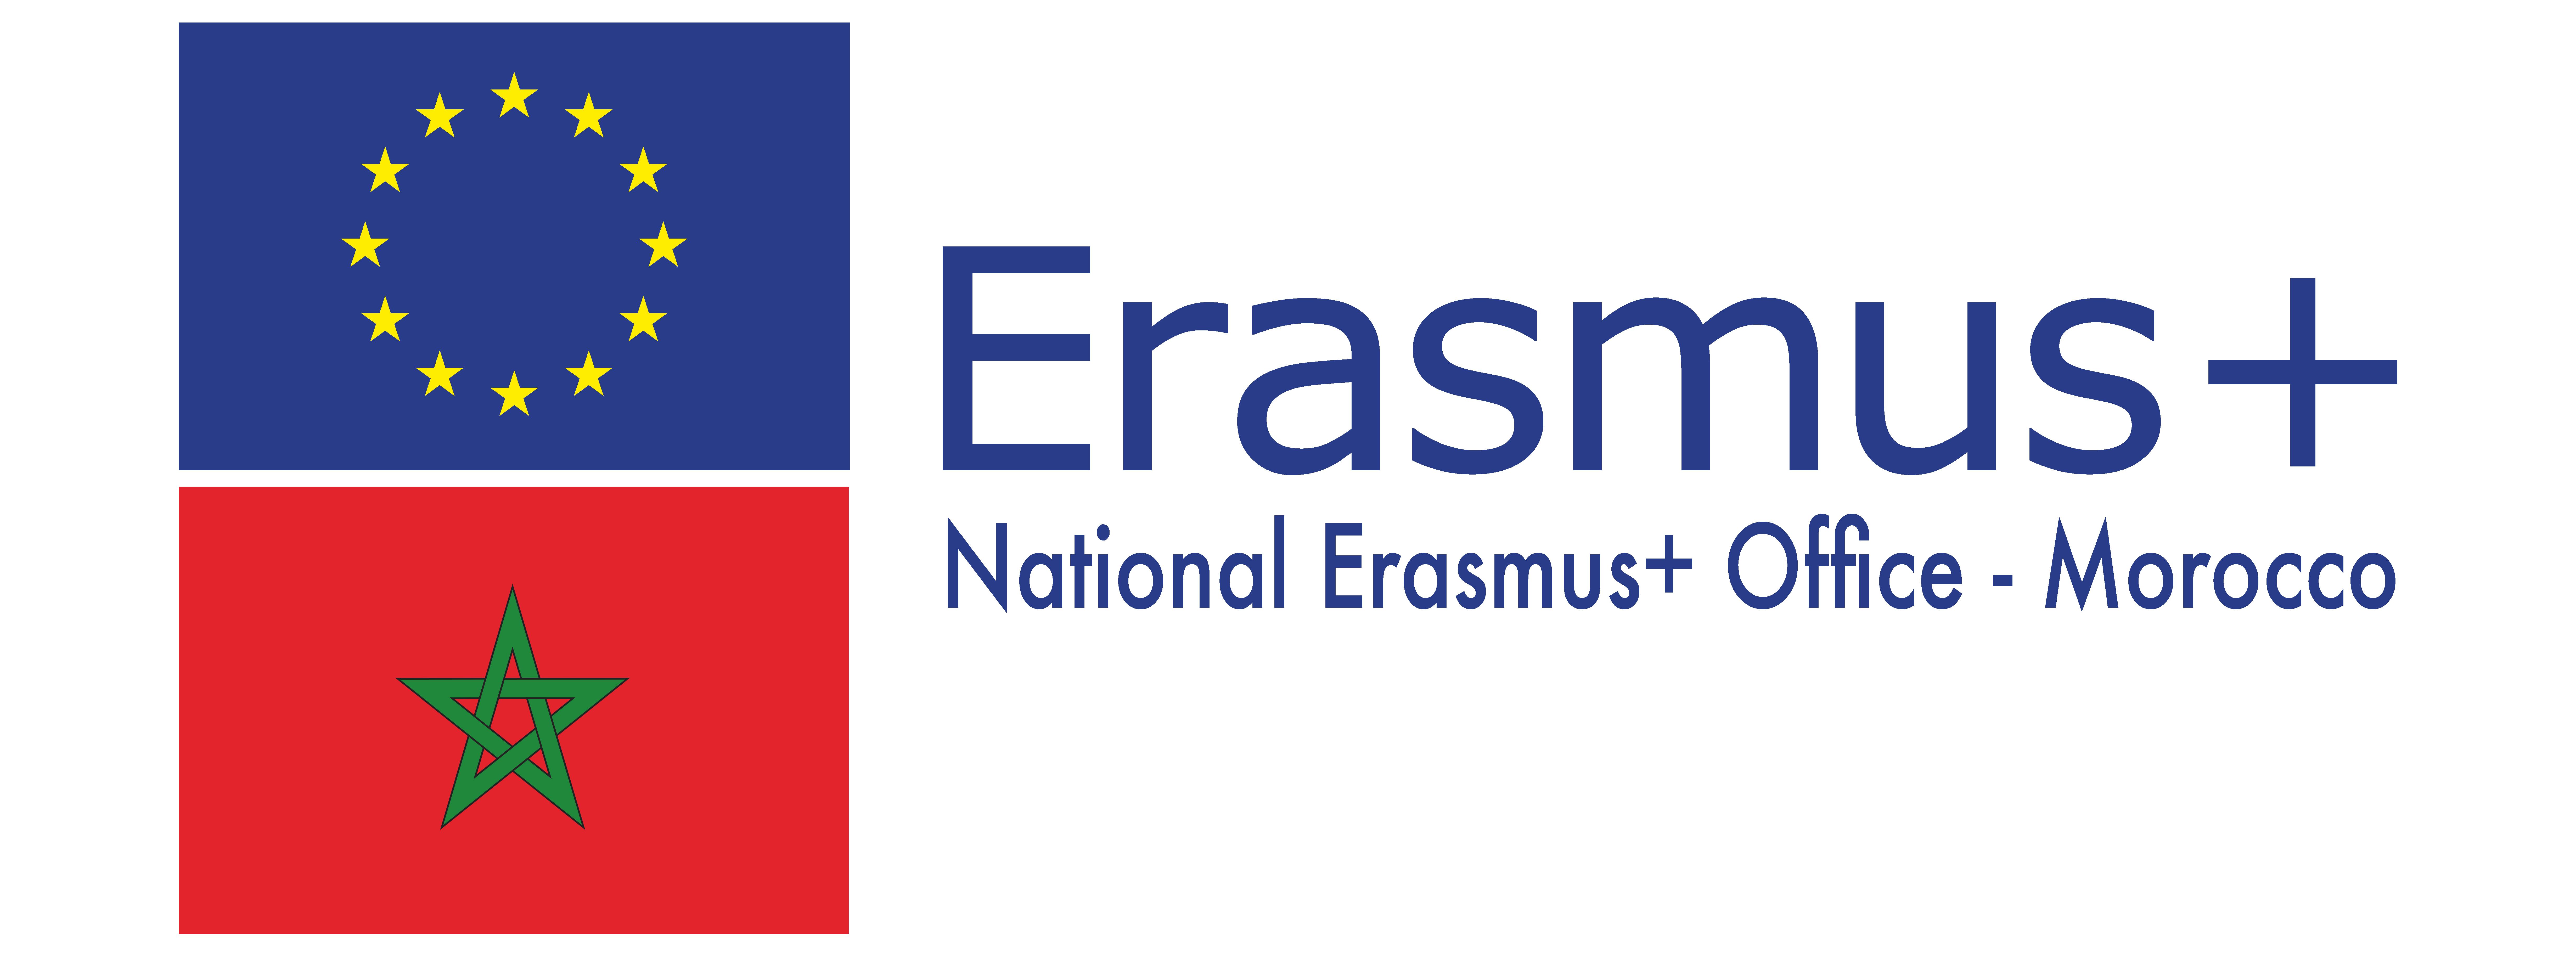 ERASMUS+ Morocco